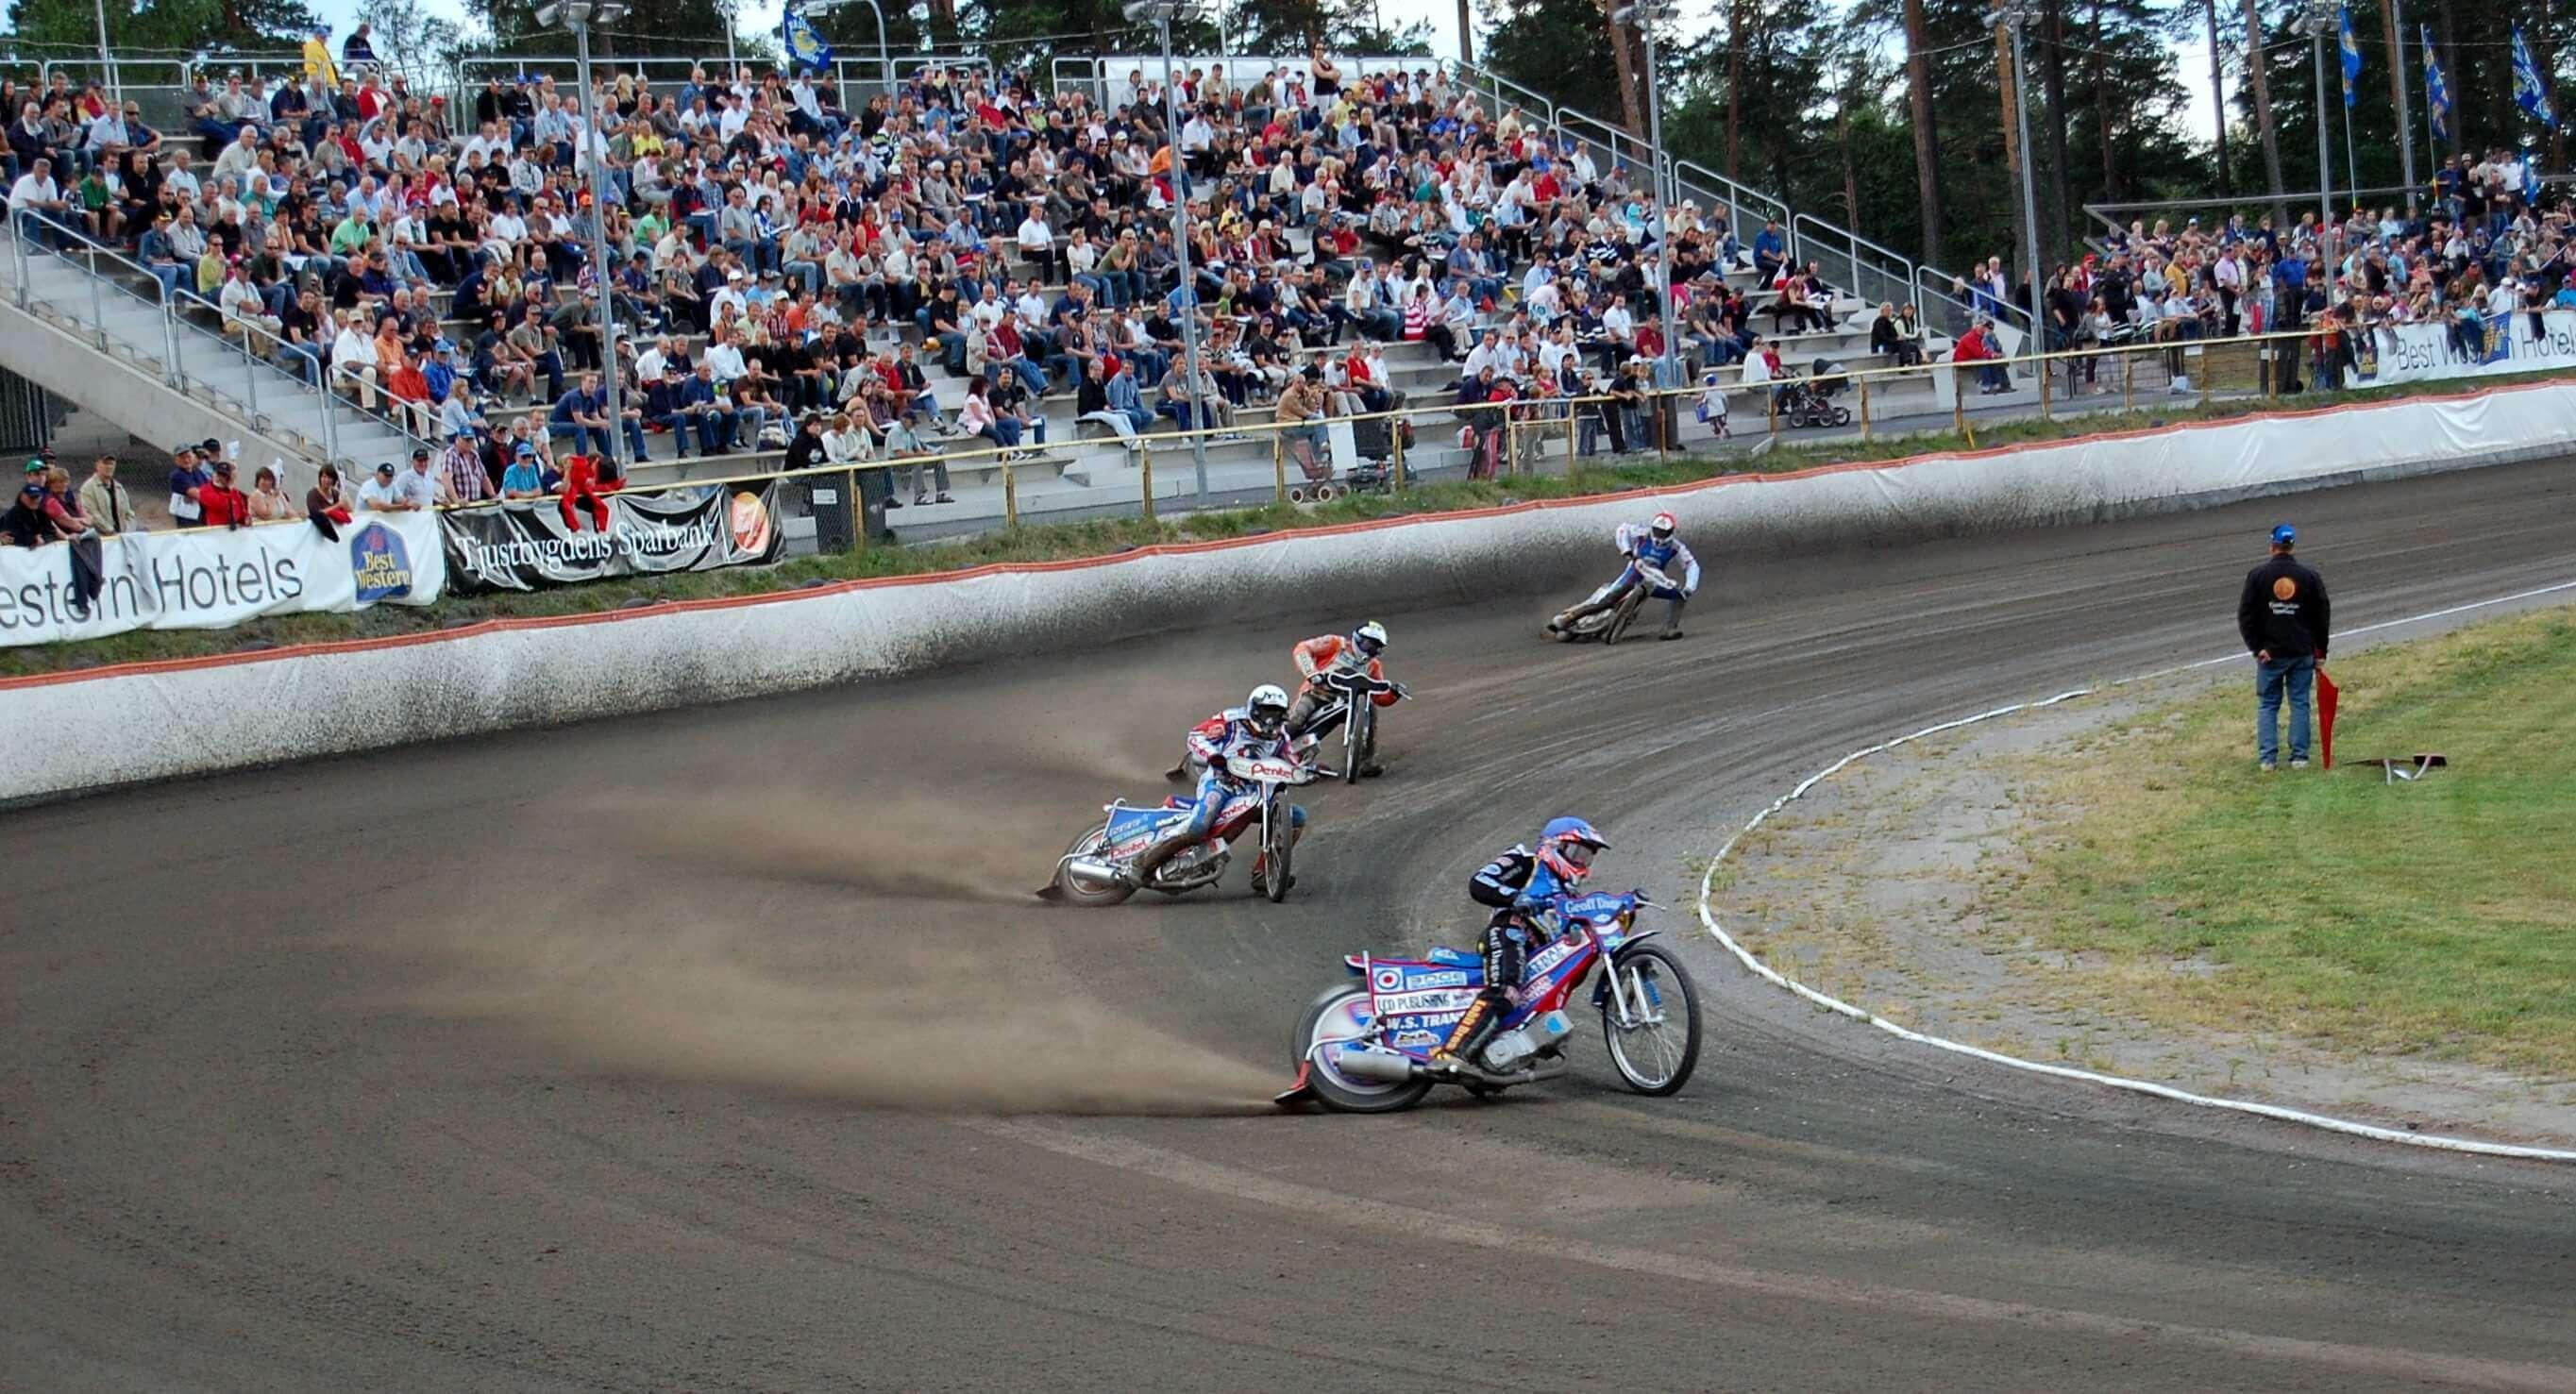 Mecz w Hallstavik w Elitserien